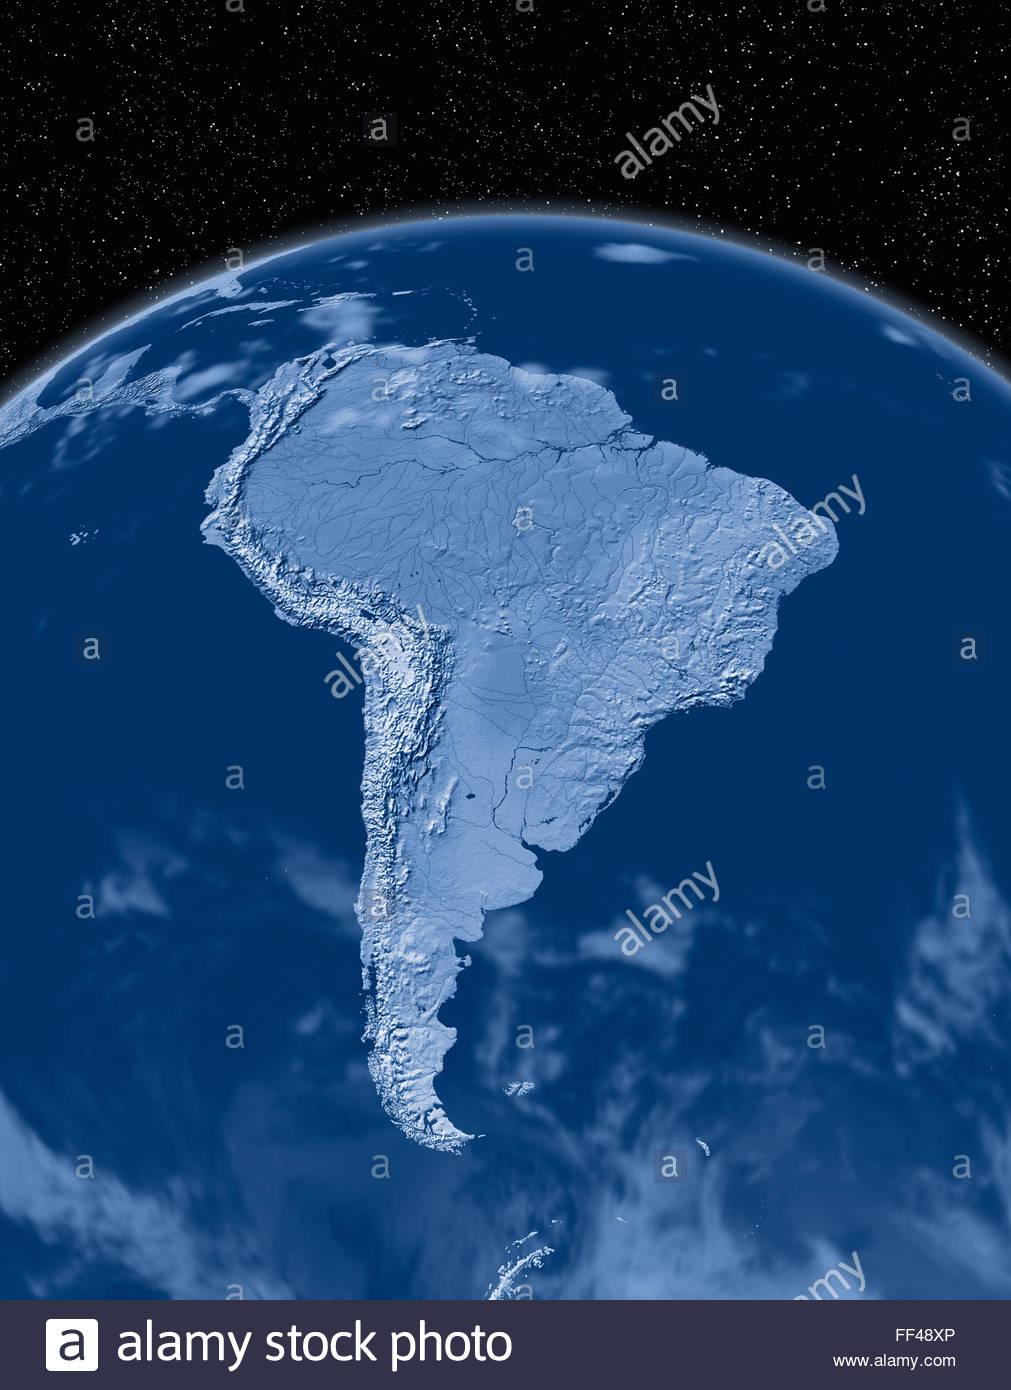 Simulazione di vista satellitare di parte della terra dallo spazio America del Sud mondo spazio mappa pianeta globo Immagini Stock